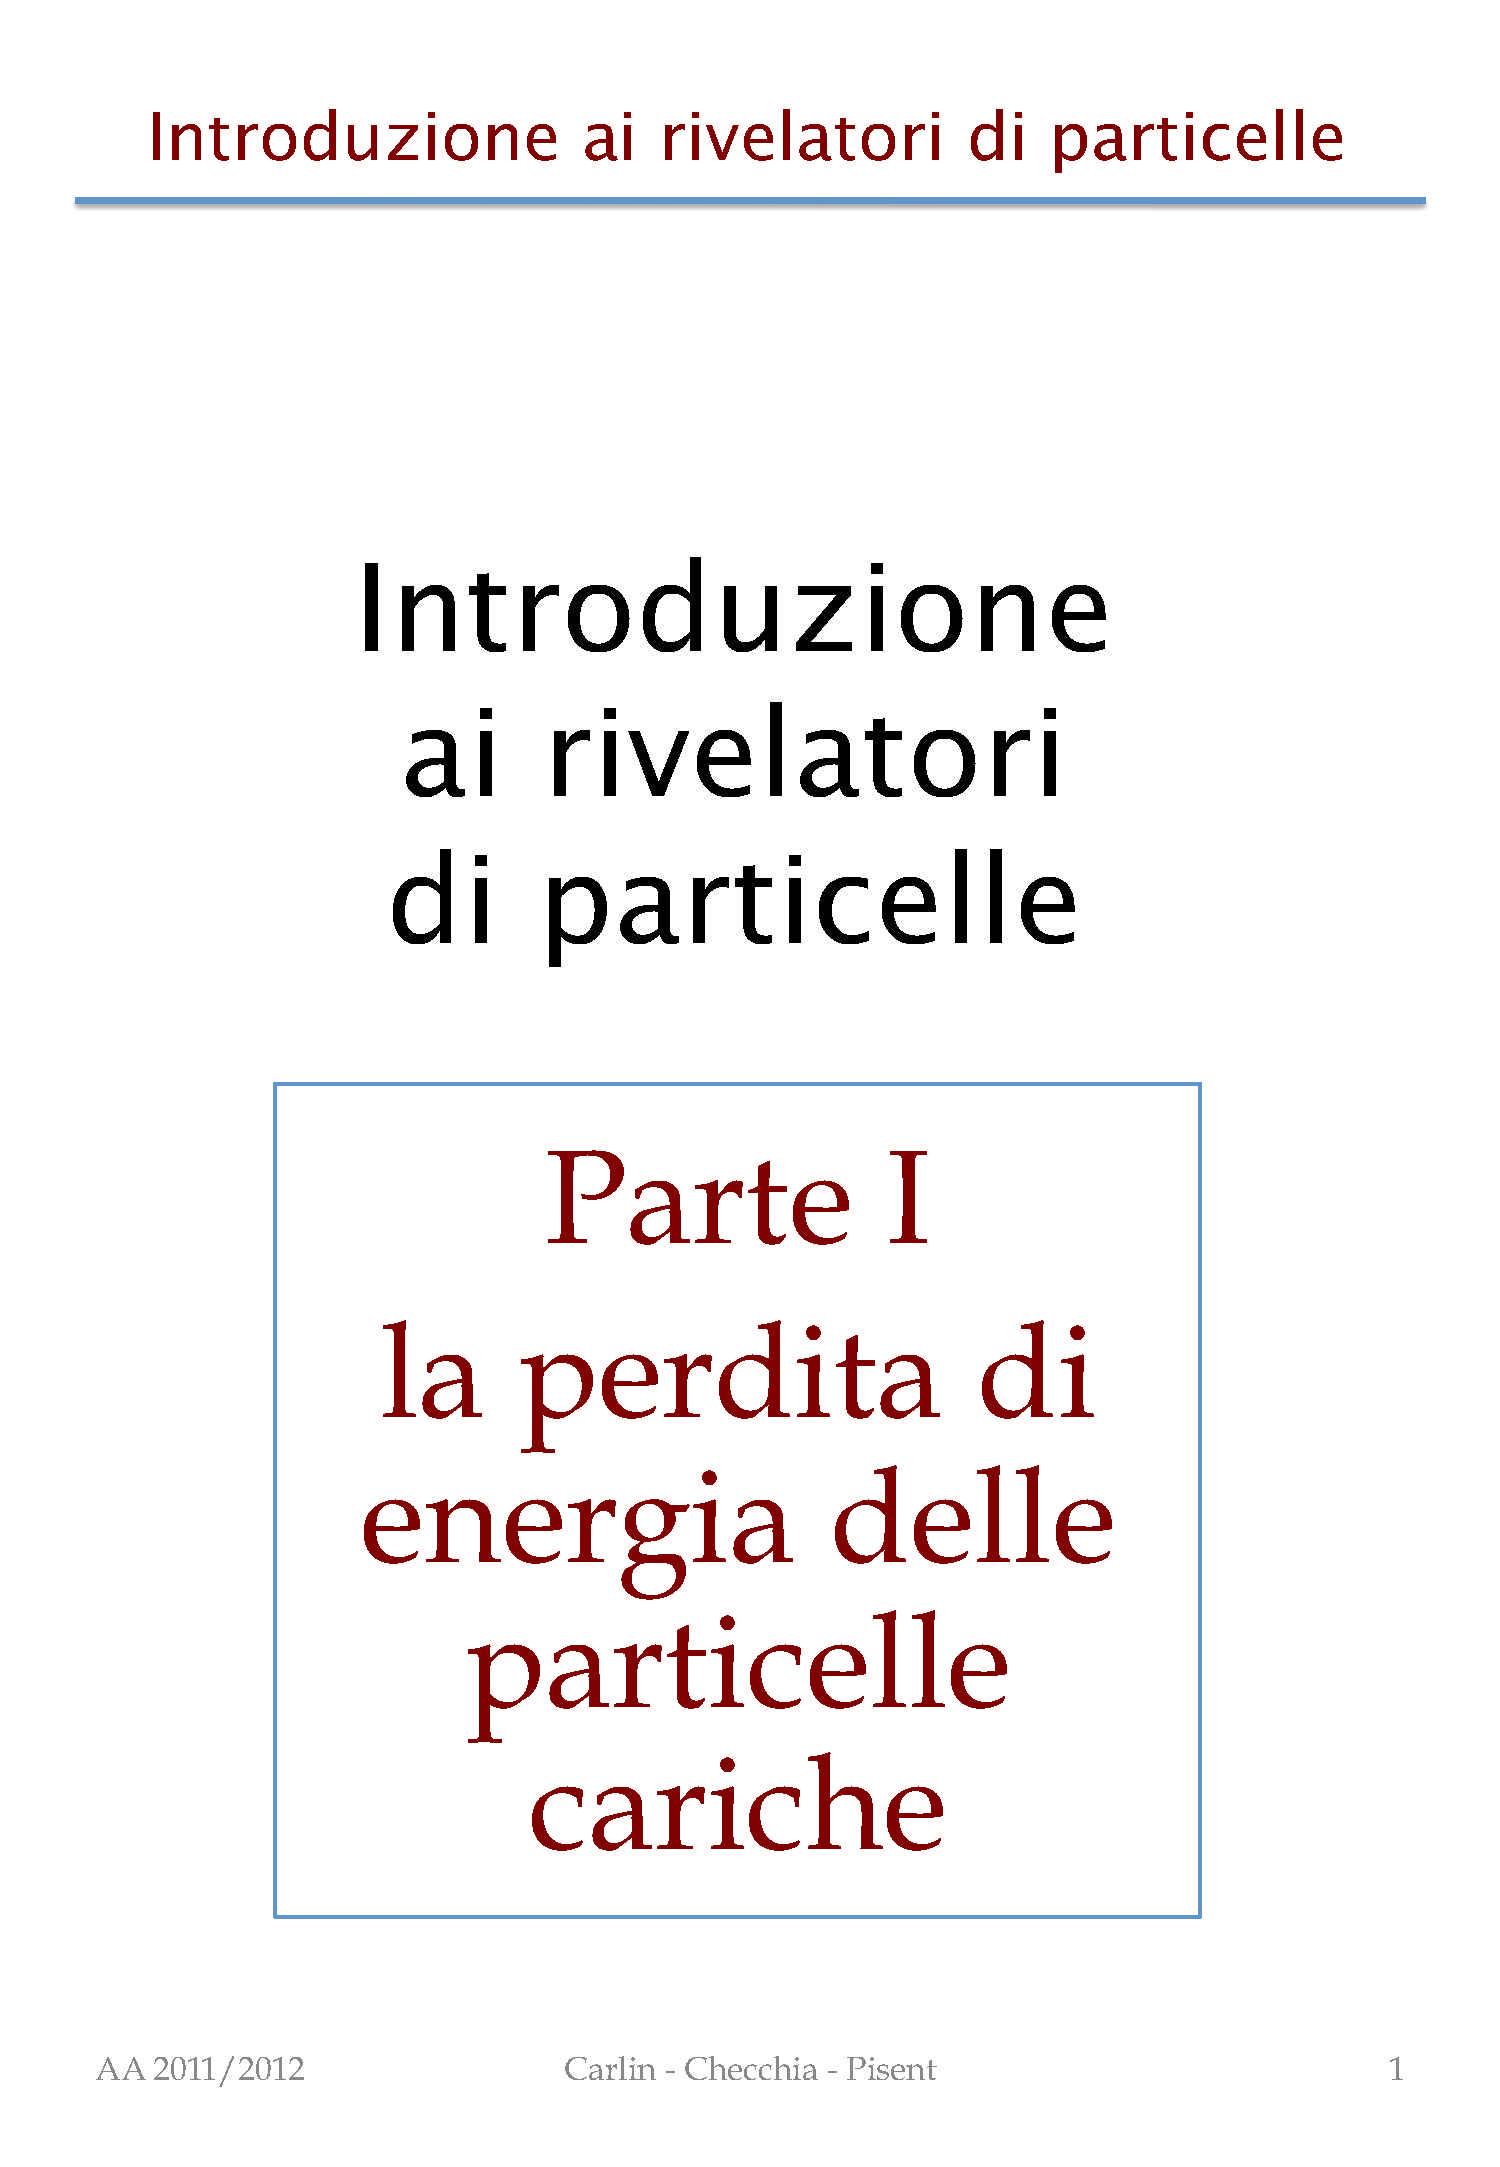 Sorgenti di particelle e acceleratori